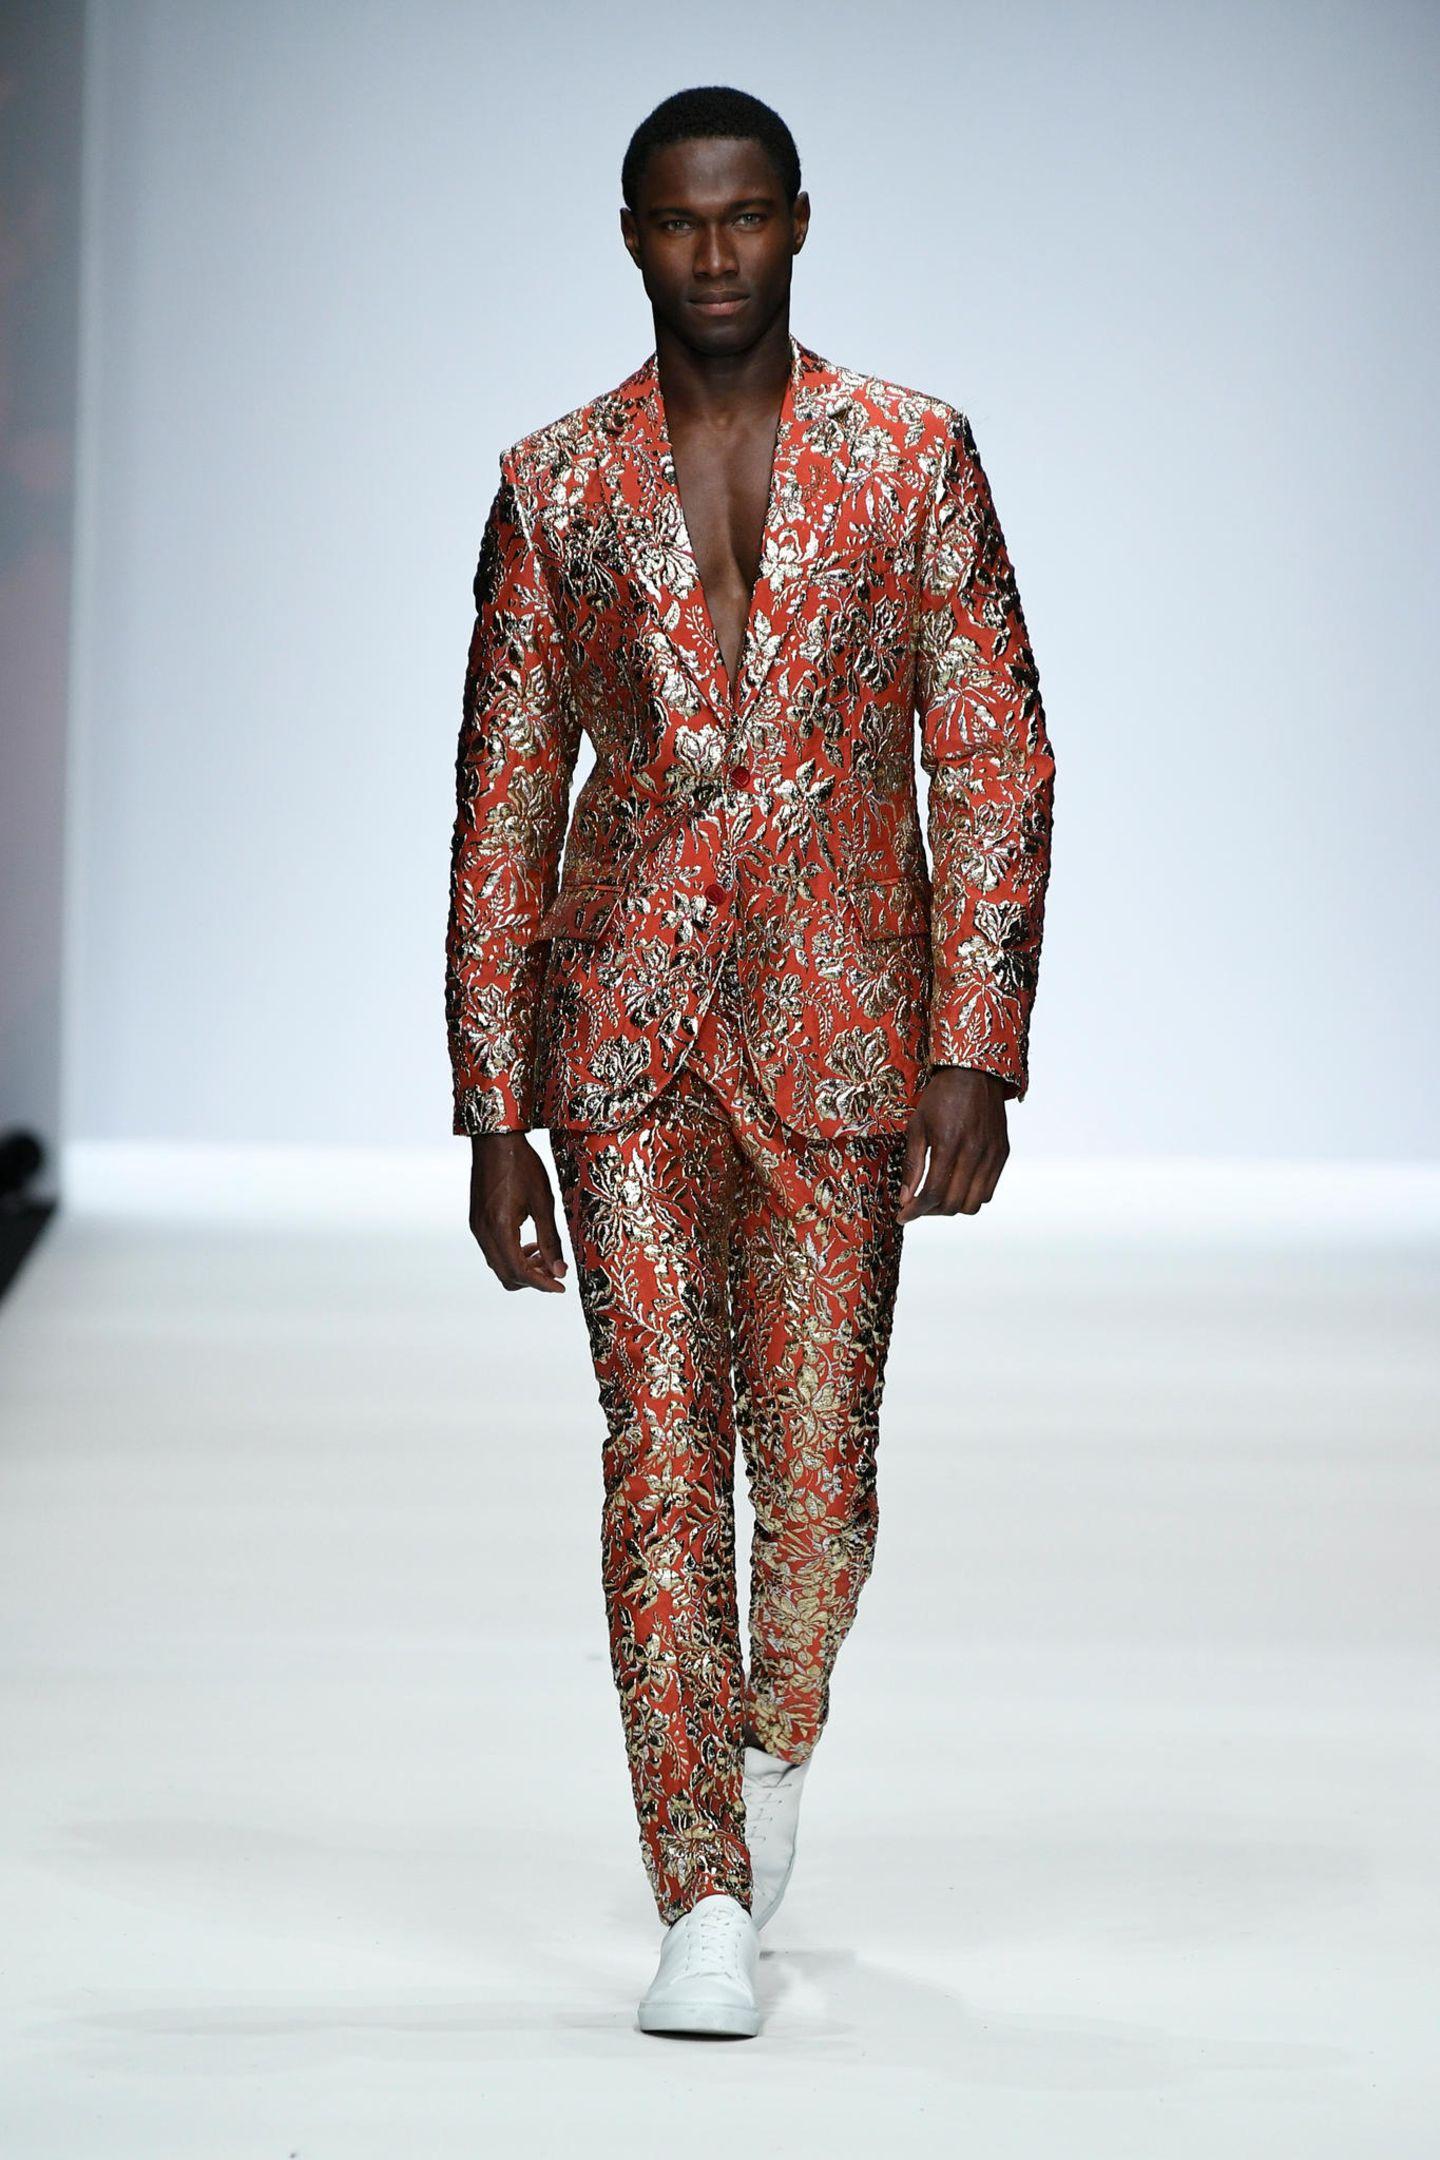 """In seiner Show auf der Berliner Fashion Week geht Guido Maria Kretschmer auf eine modische Reise mit dem Orientexpress - daher darf es auch bei den Männern ausgefallener sein,wie hier in einem rostfarbenen Glitzer-Anzug. Wenn es nach dem Designer geht, hört die Extravaganz dort noch lange nicht auf: """"Der Ohrring ist wieder zurück."""" Der wurde schließlich auch in den 80ern von vielen Männern getragen, aber Achtung: """"Das ist typabhängig."""" Riesige Tunnel seien aber in jedem Fall ein absolutes No-Go, sagte Kretschmer der DPA."""